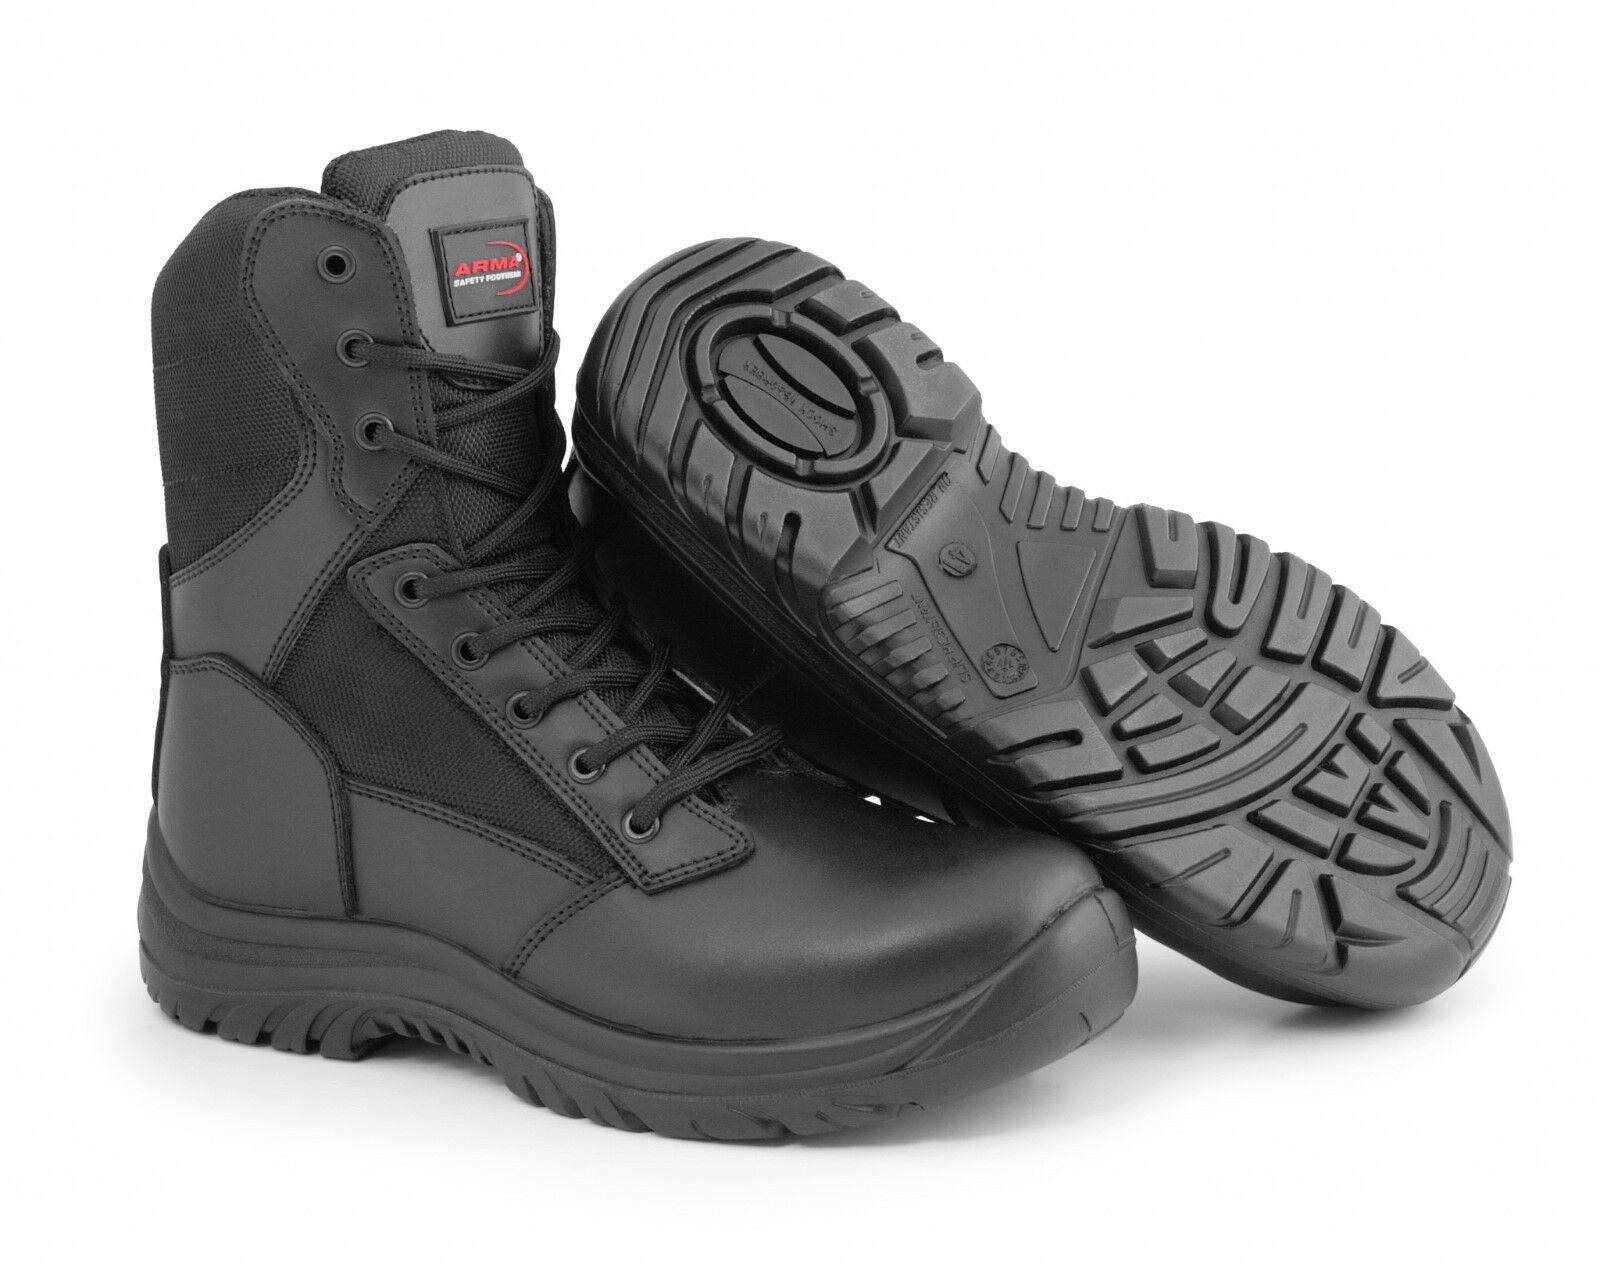 Arma de combate seguridad A6 Guerrero De Trabajo botas De Seguridad Policía Militar Puntera De Acero Suela